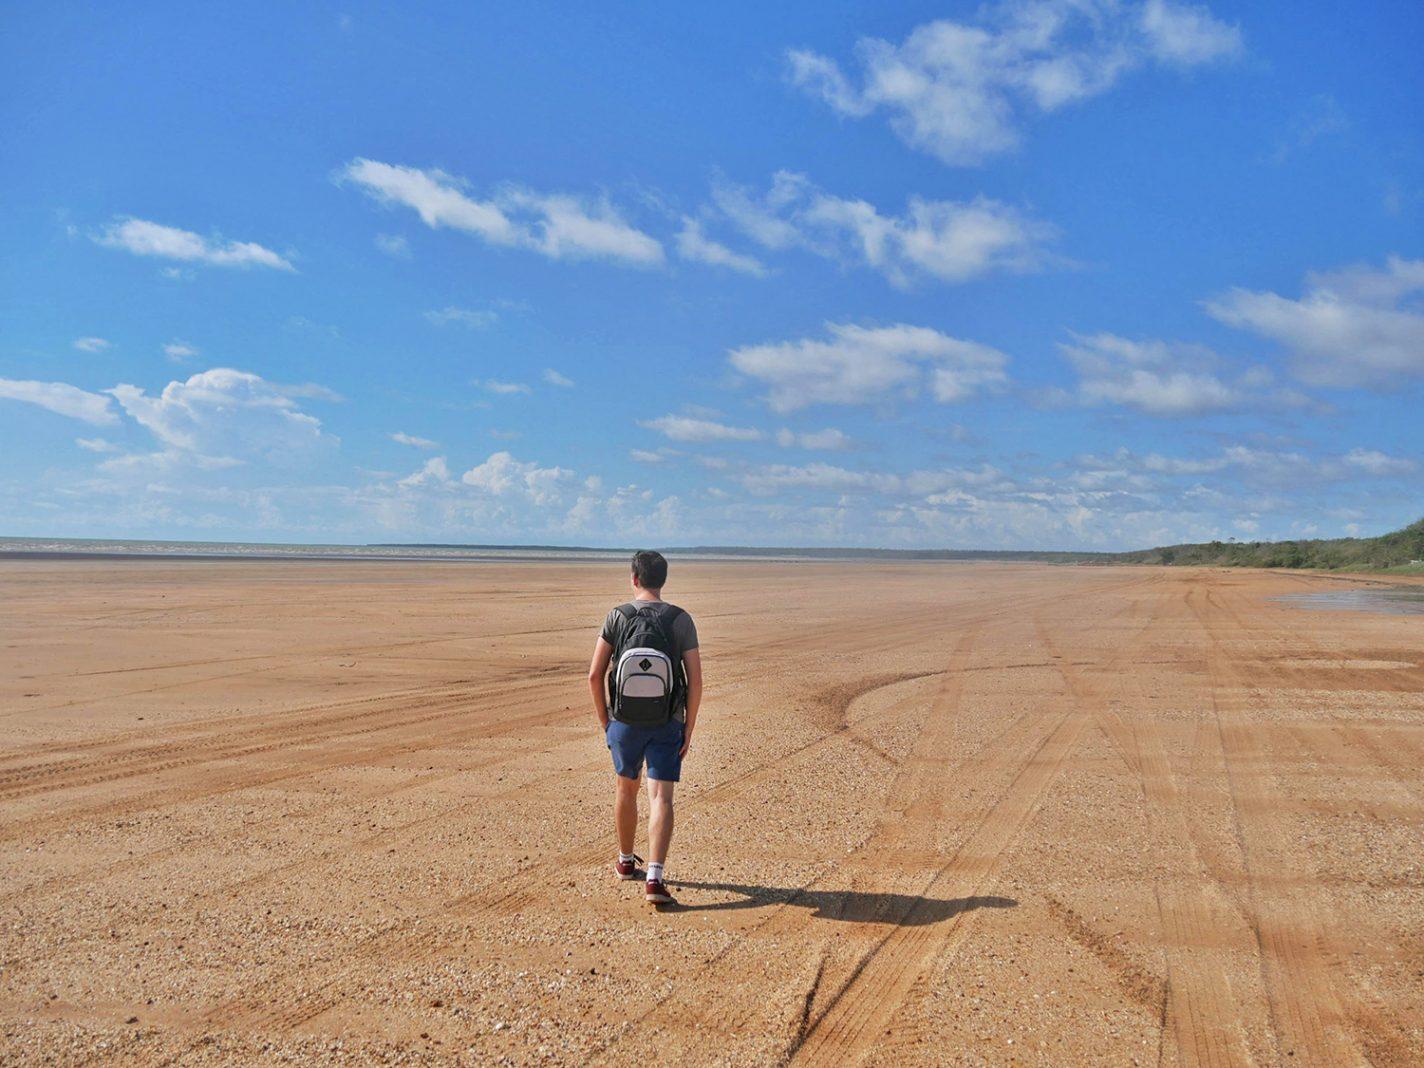 Langgerekte stranden bij Gunn Point